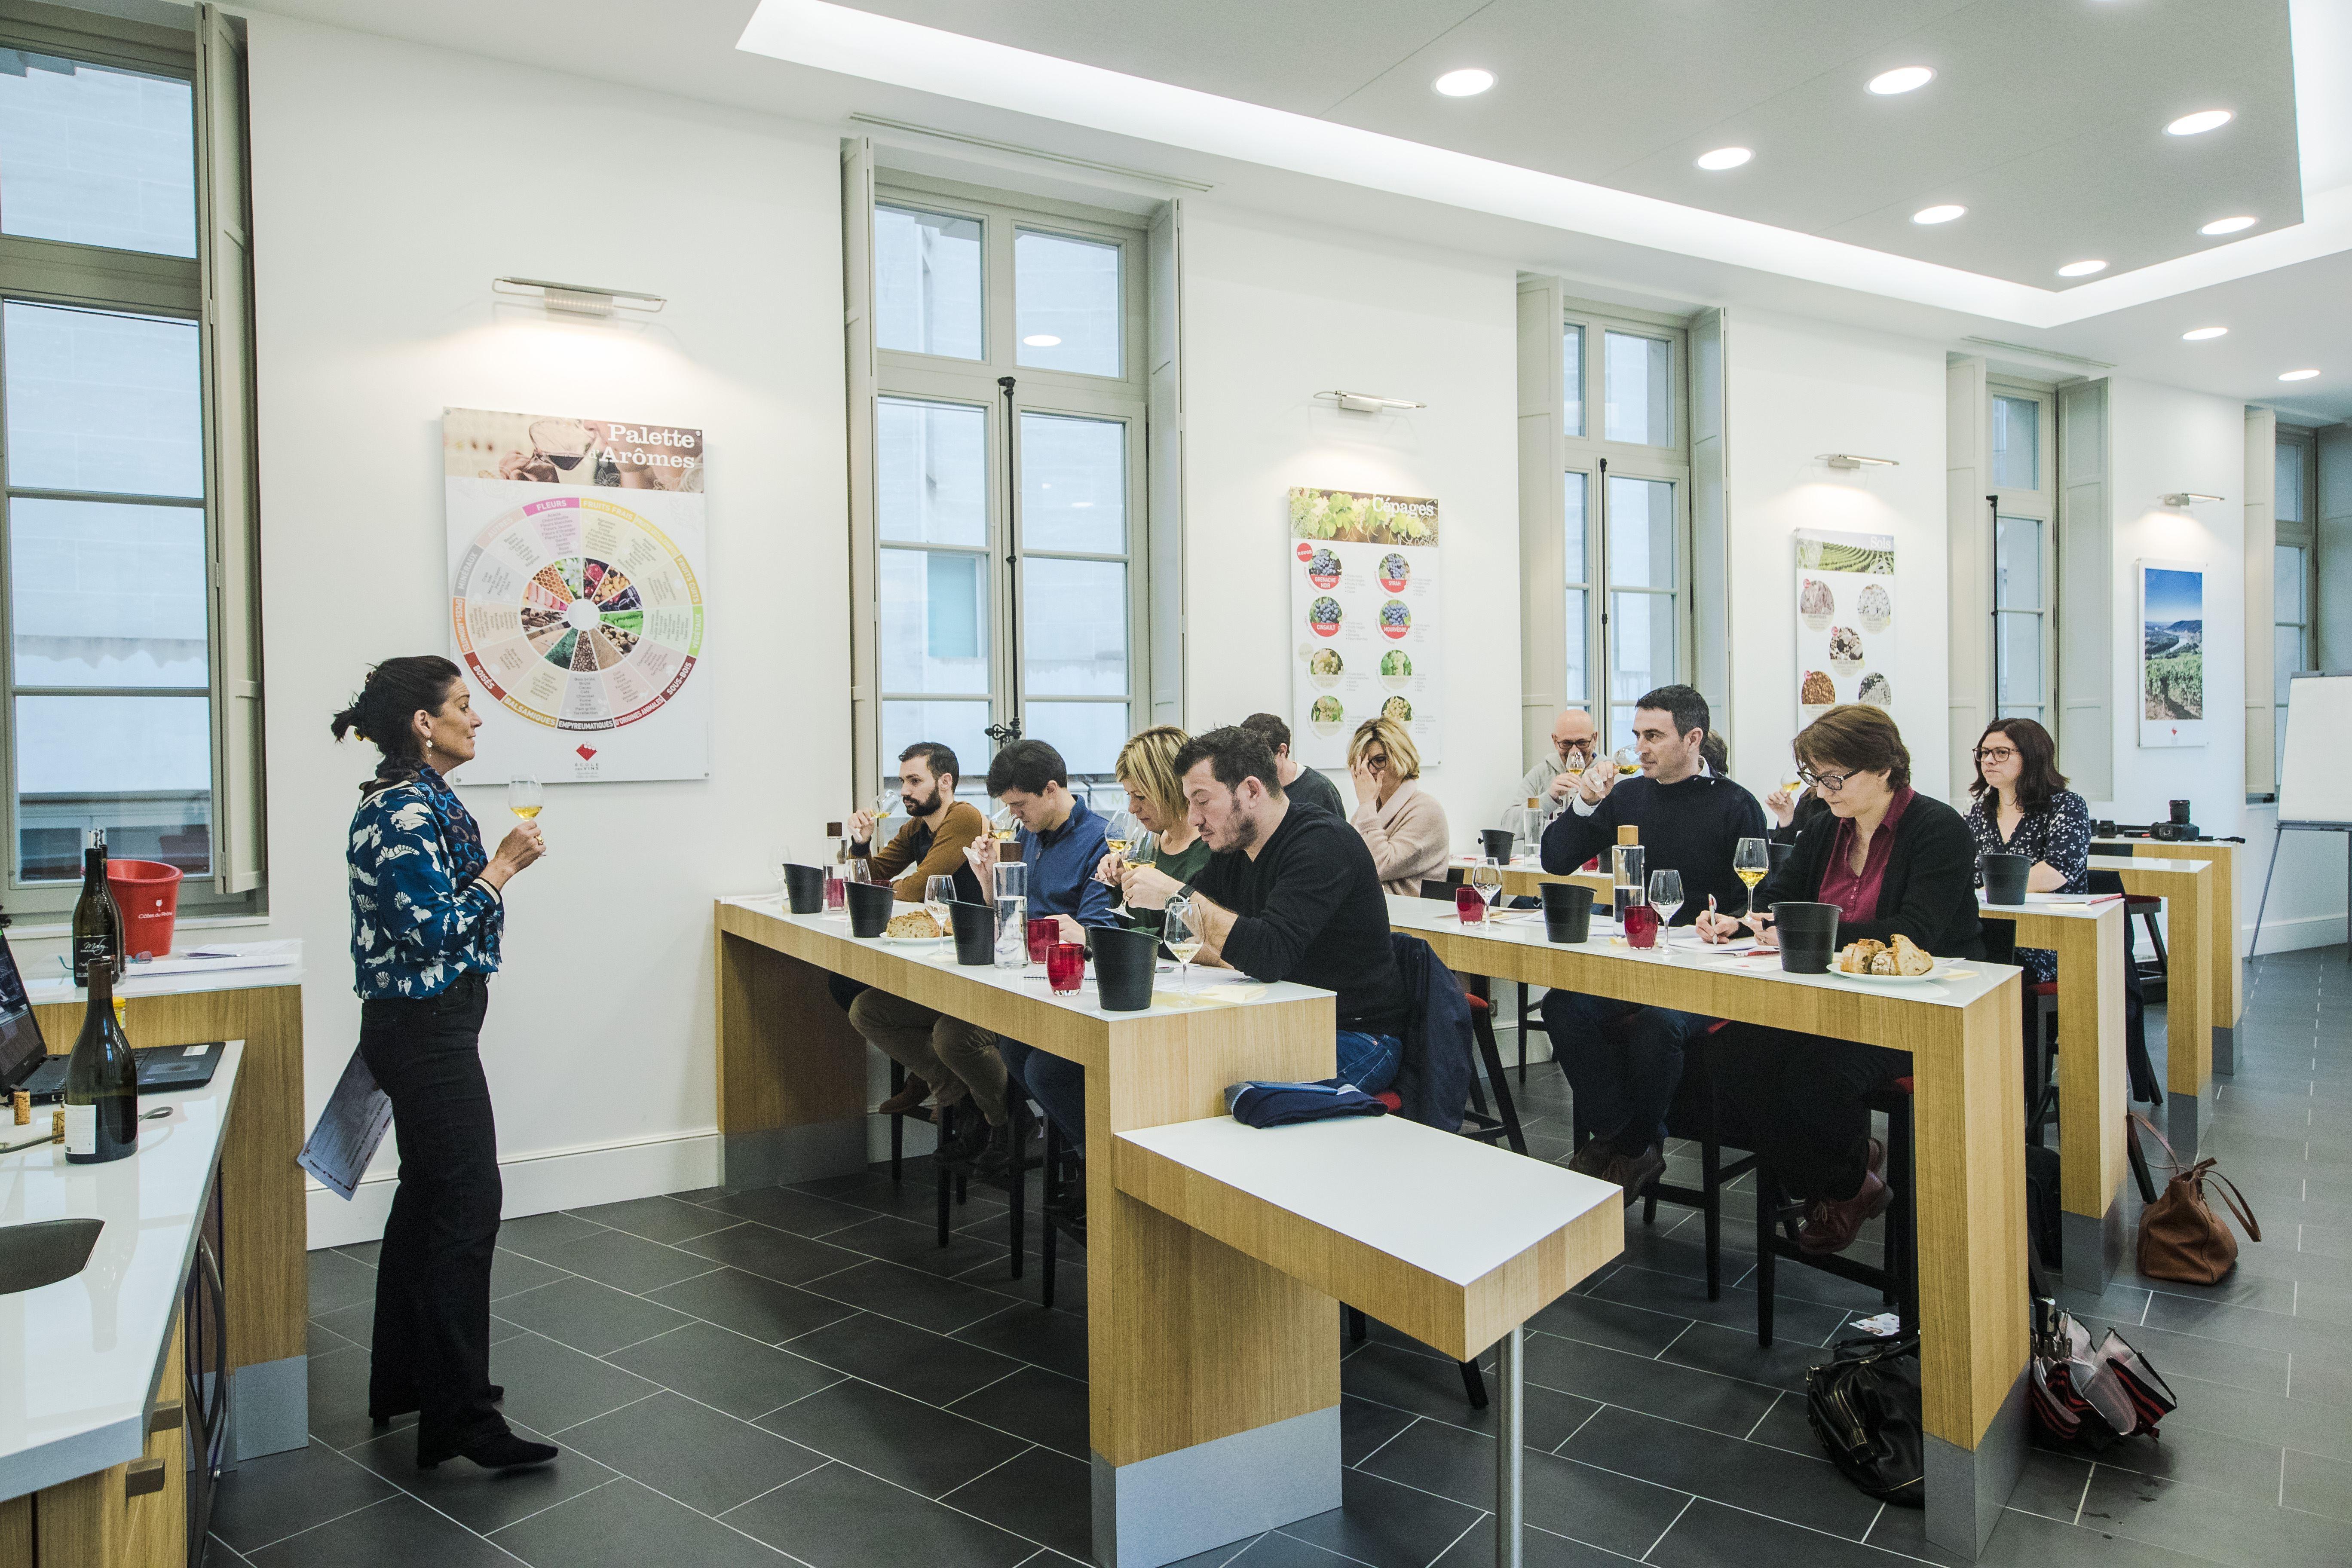 Ecole des vins- Atelier dégustation autour des vins blancs des vignobles de la Vallée du Rhône